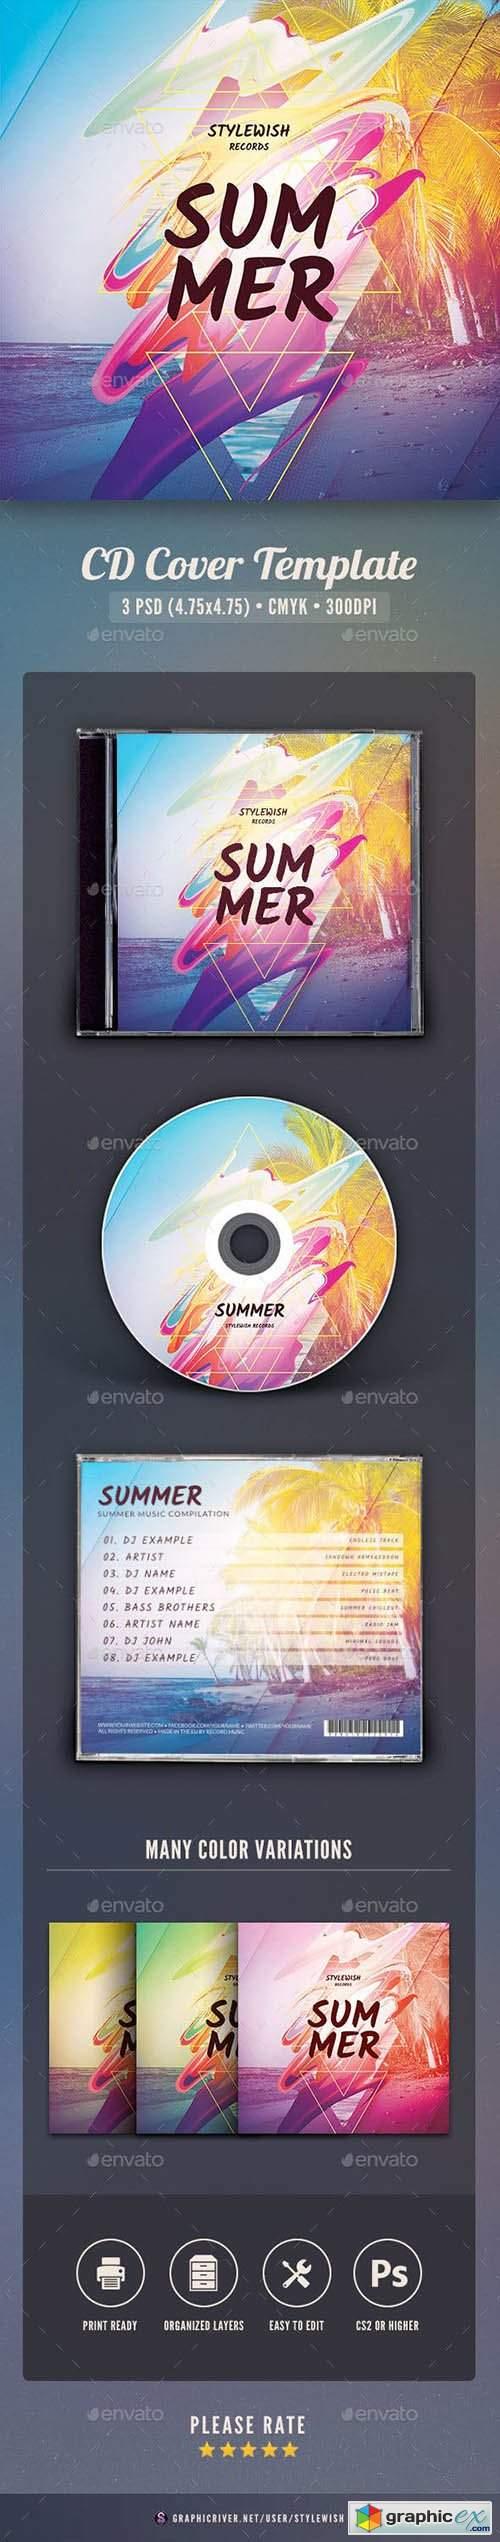 Summer CD Cover Artwork 23466149